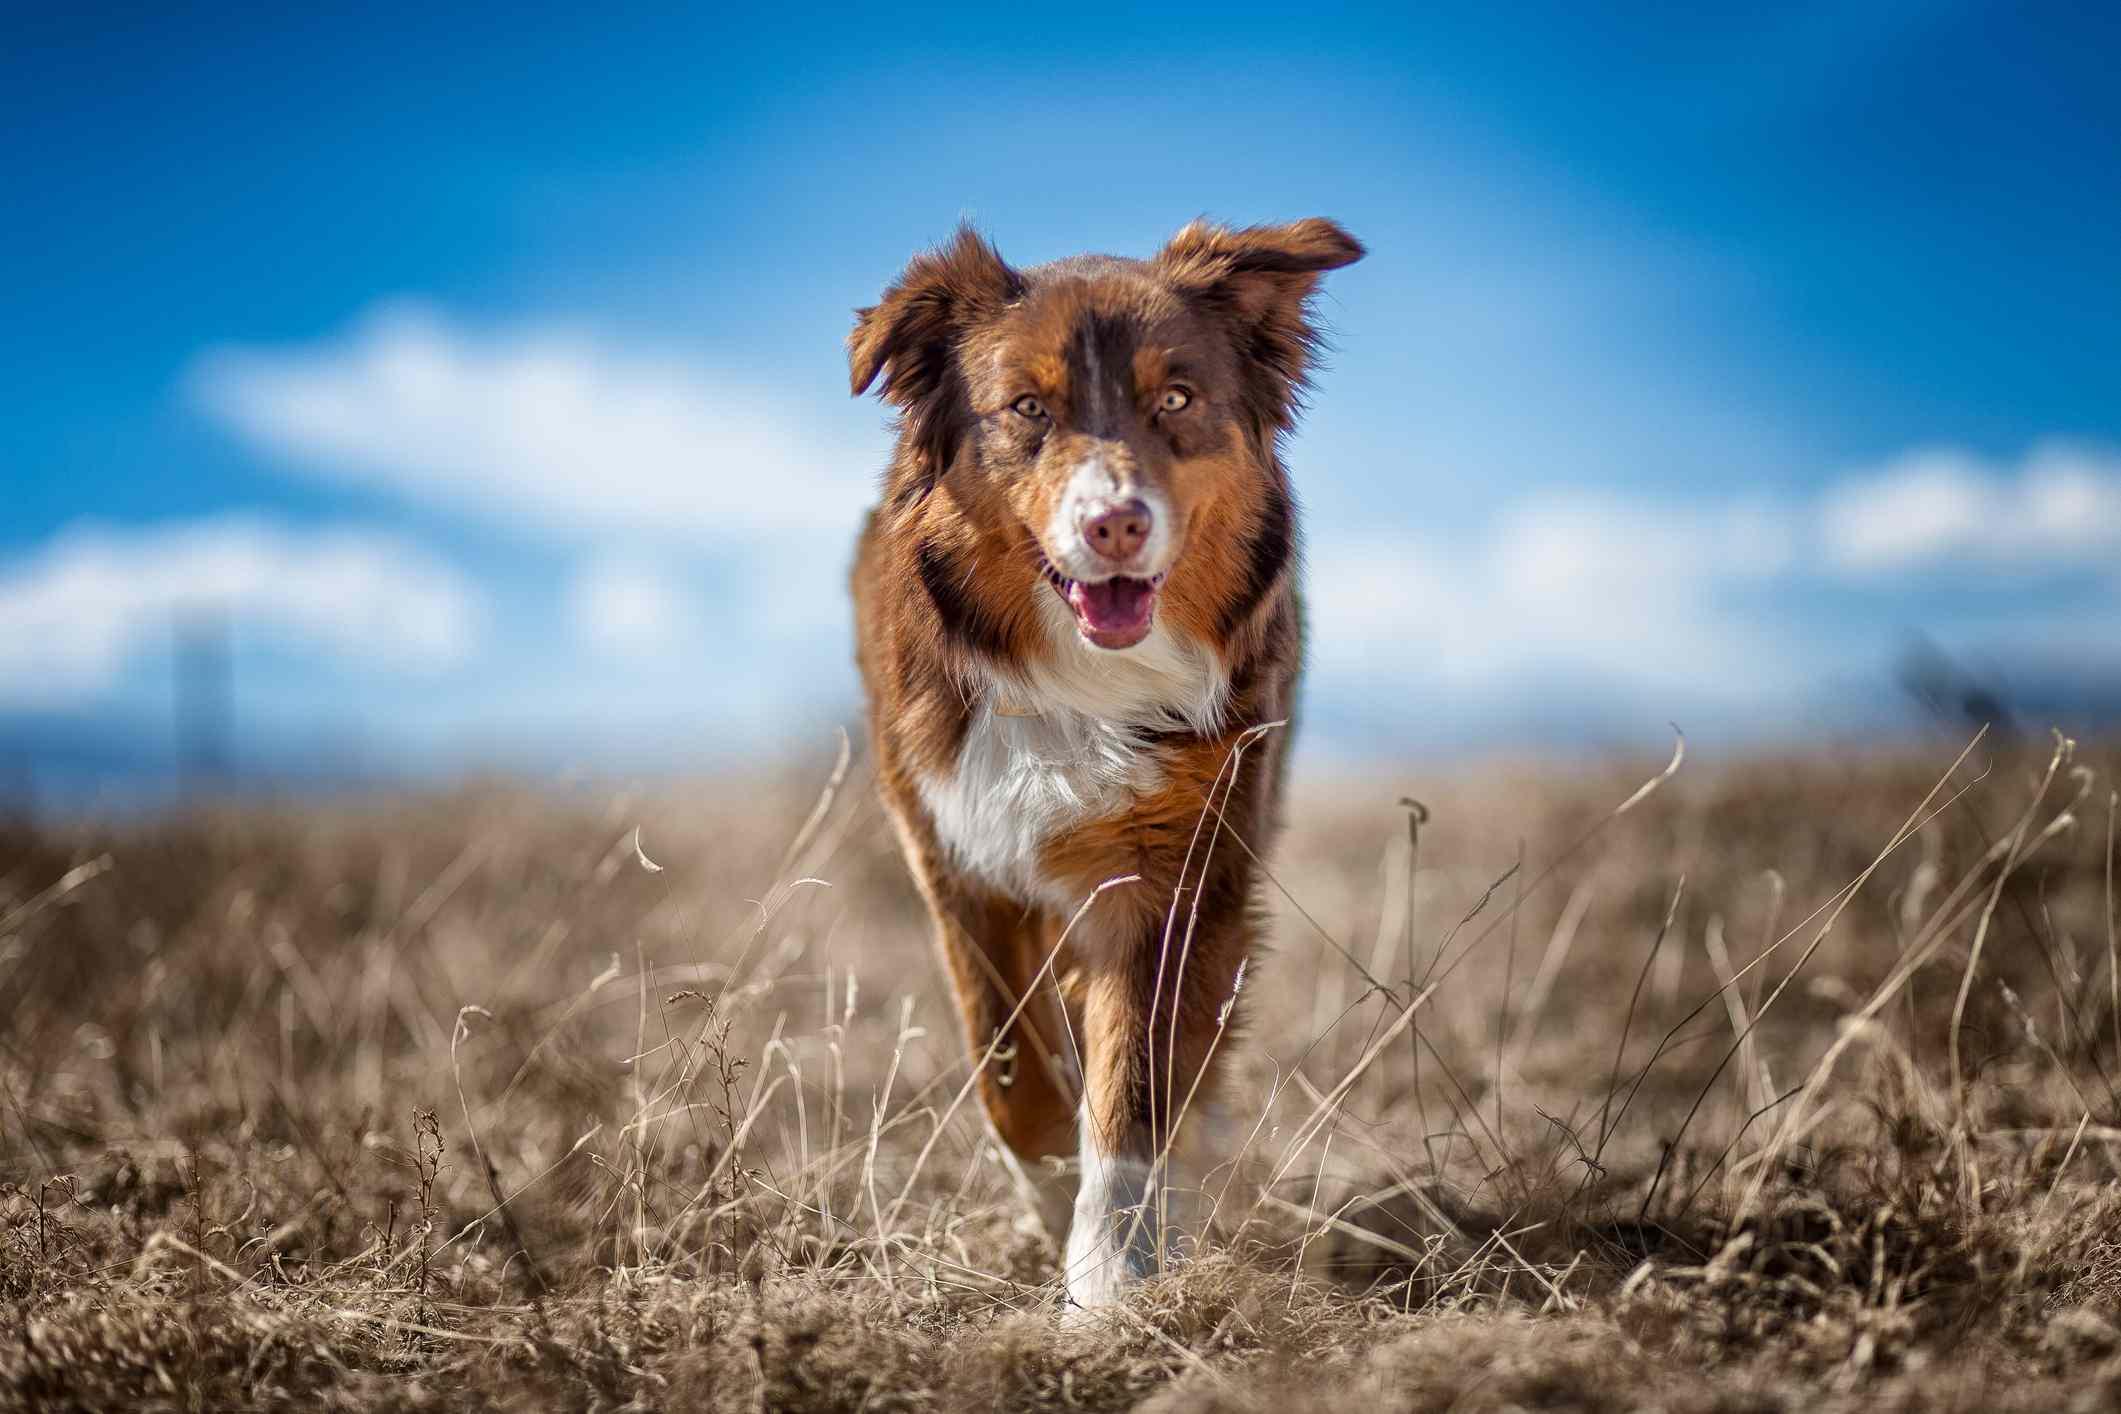 A brown Australian shepherd running in the grass